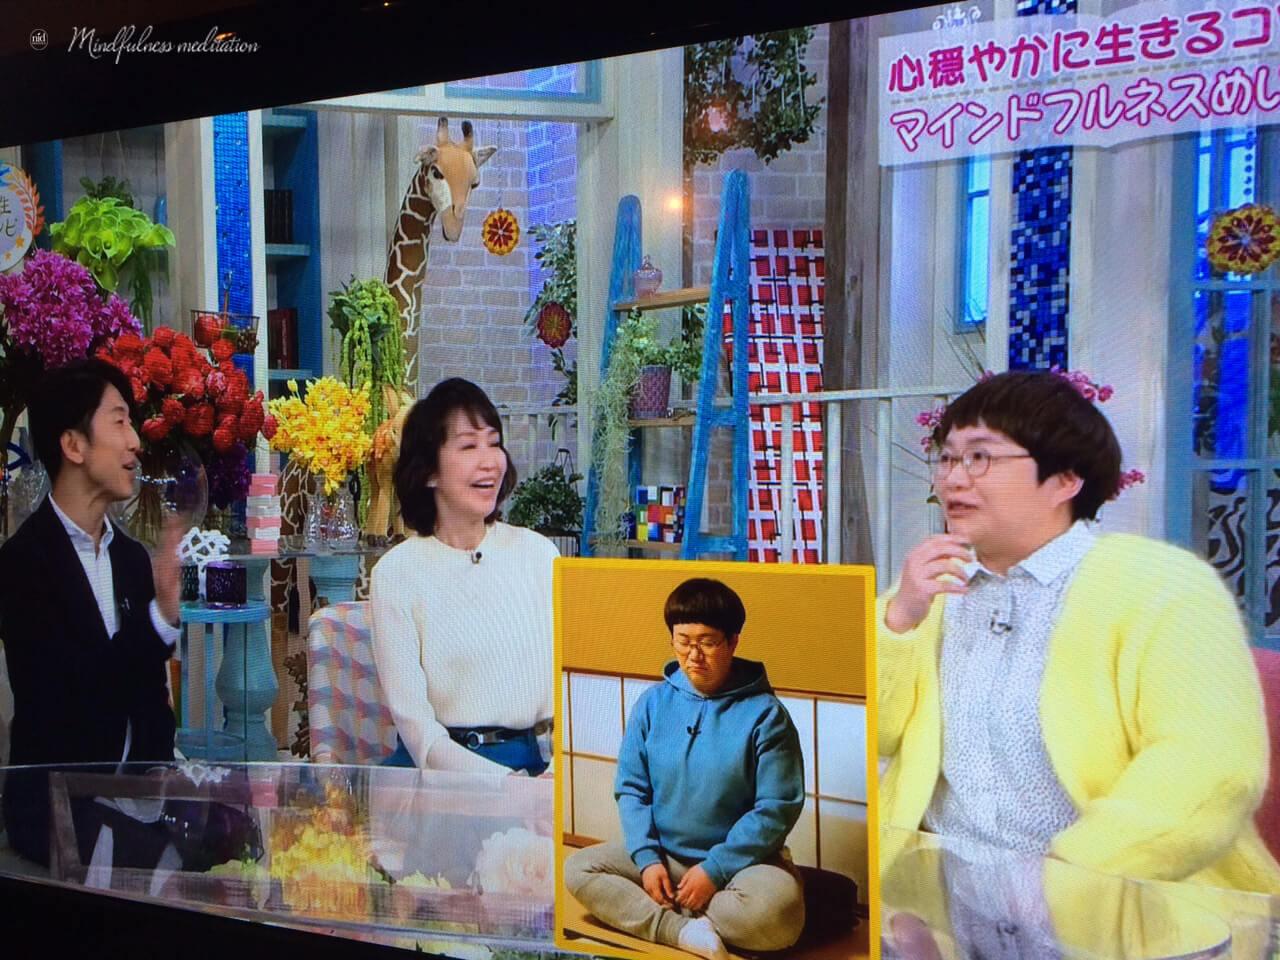 mfm_NHK